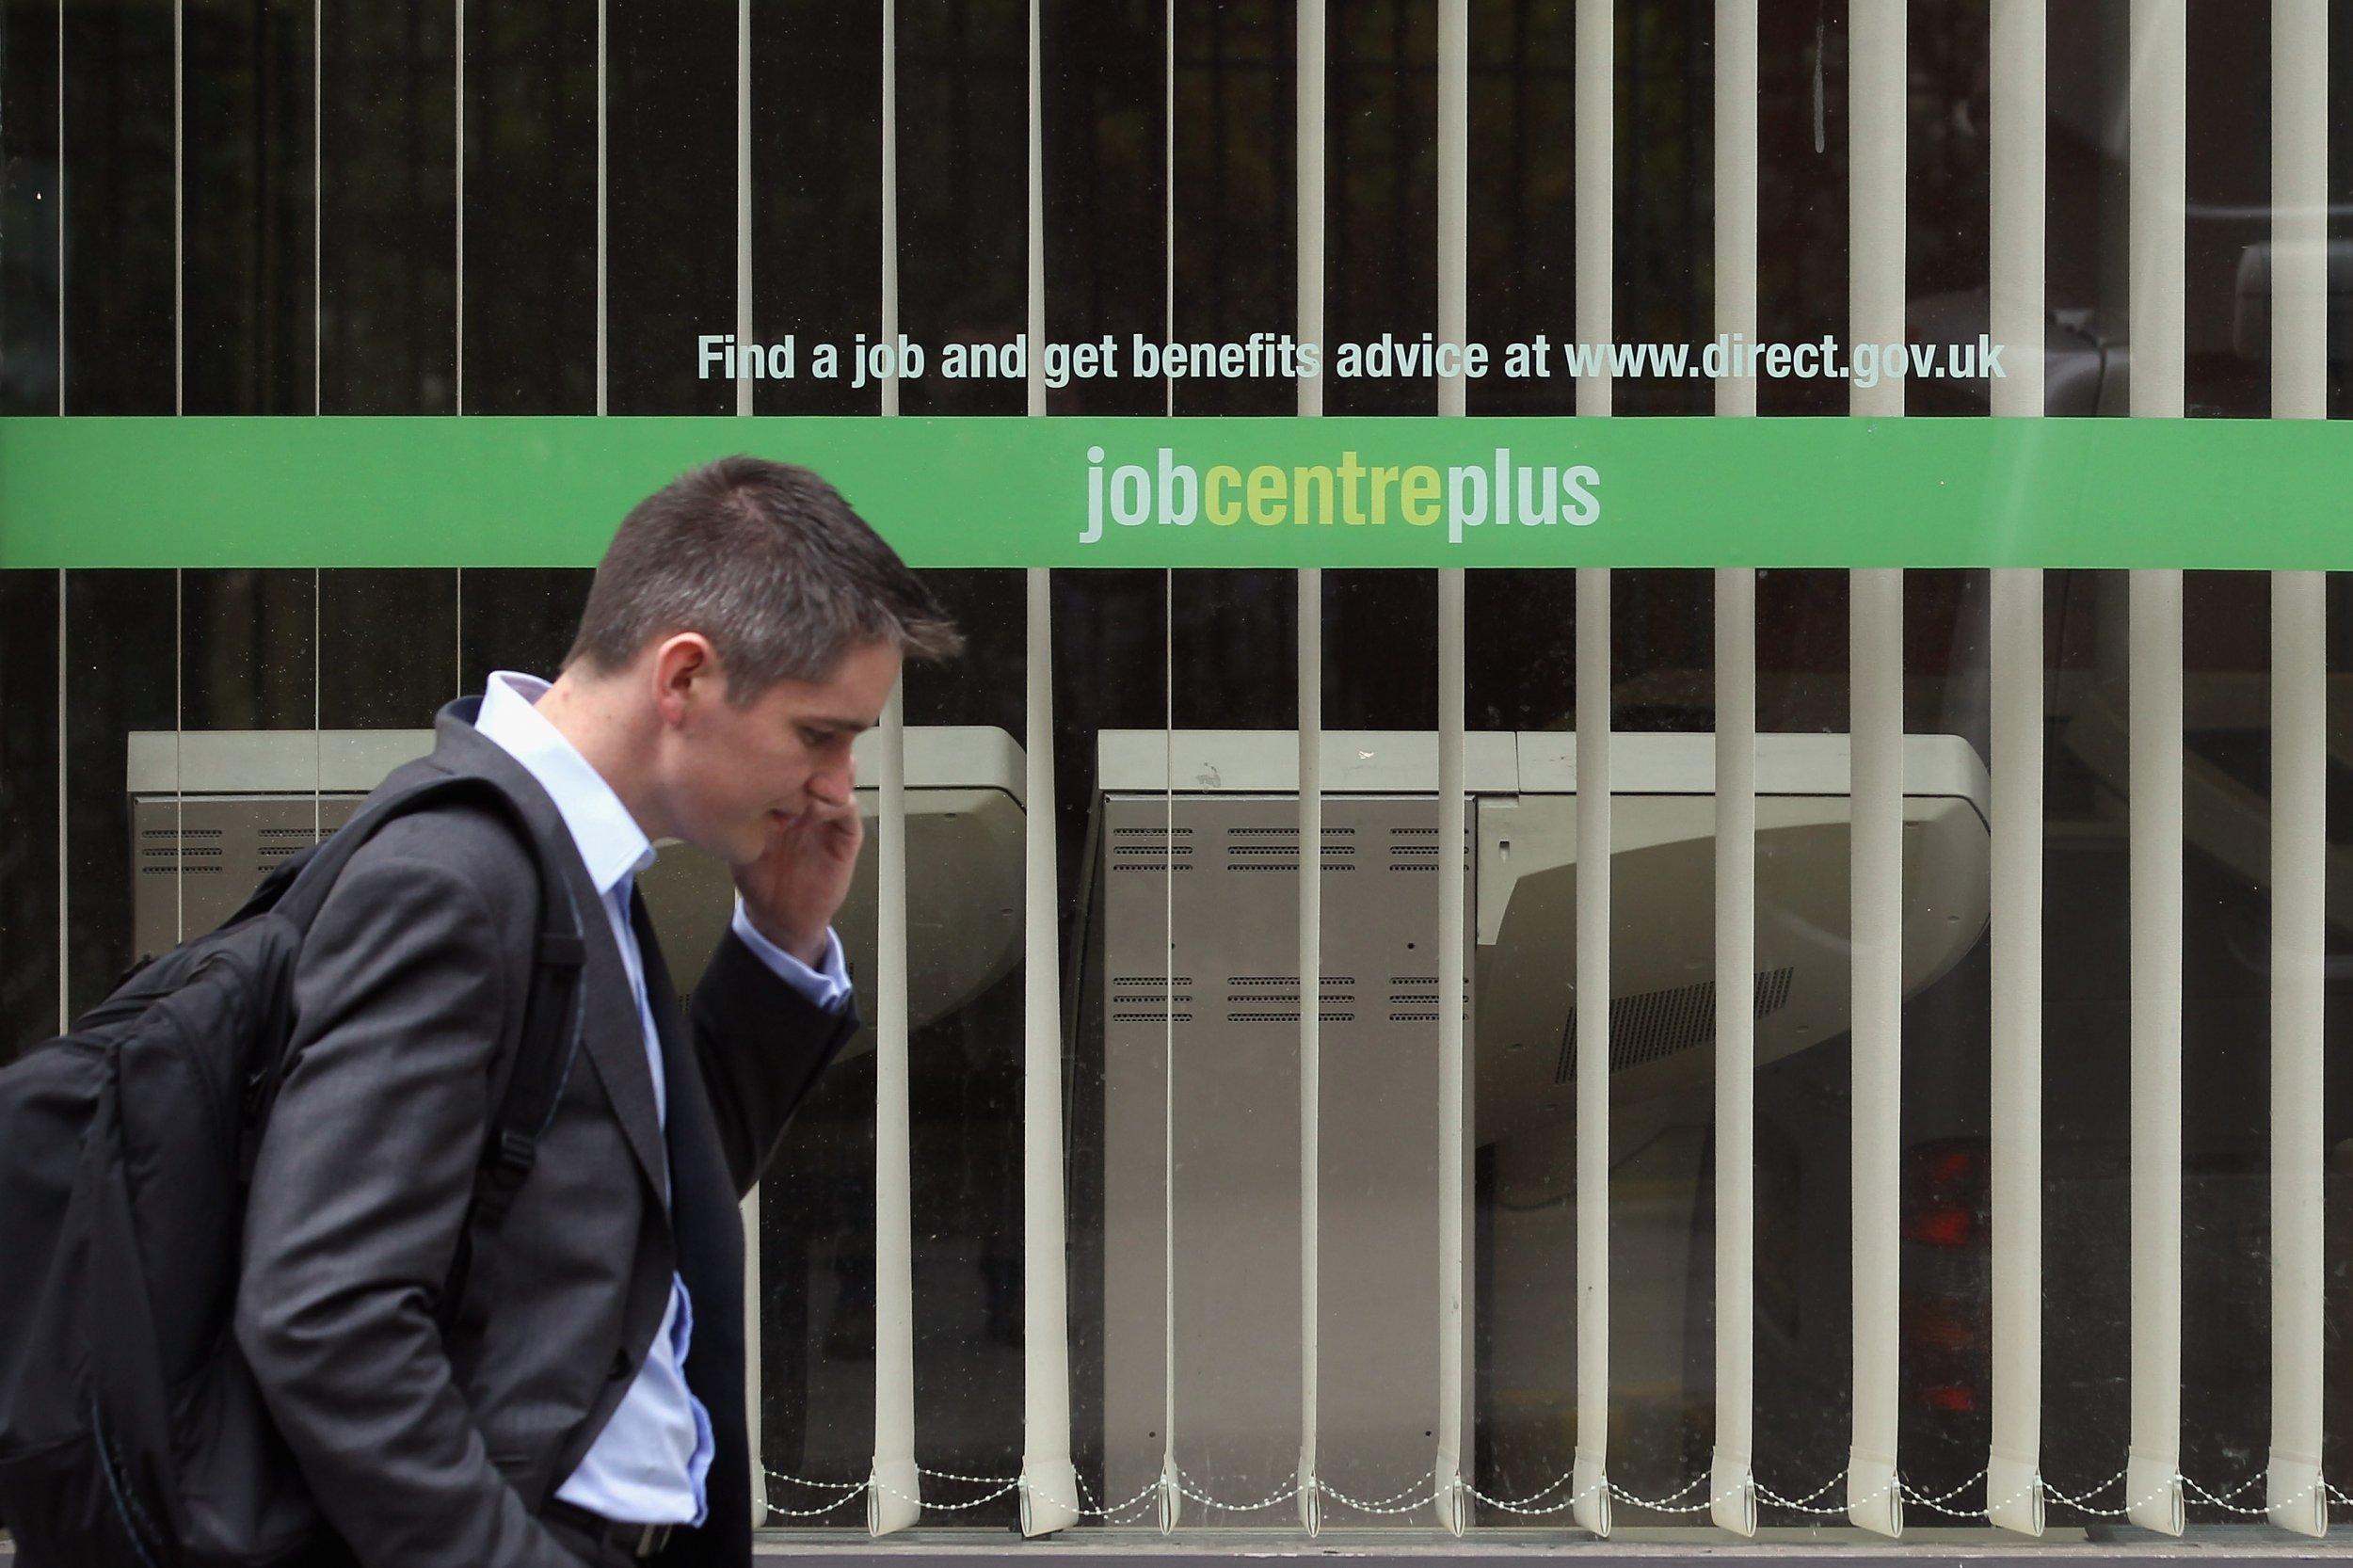 White man unemployment